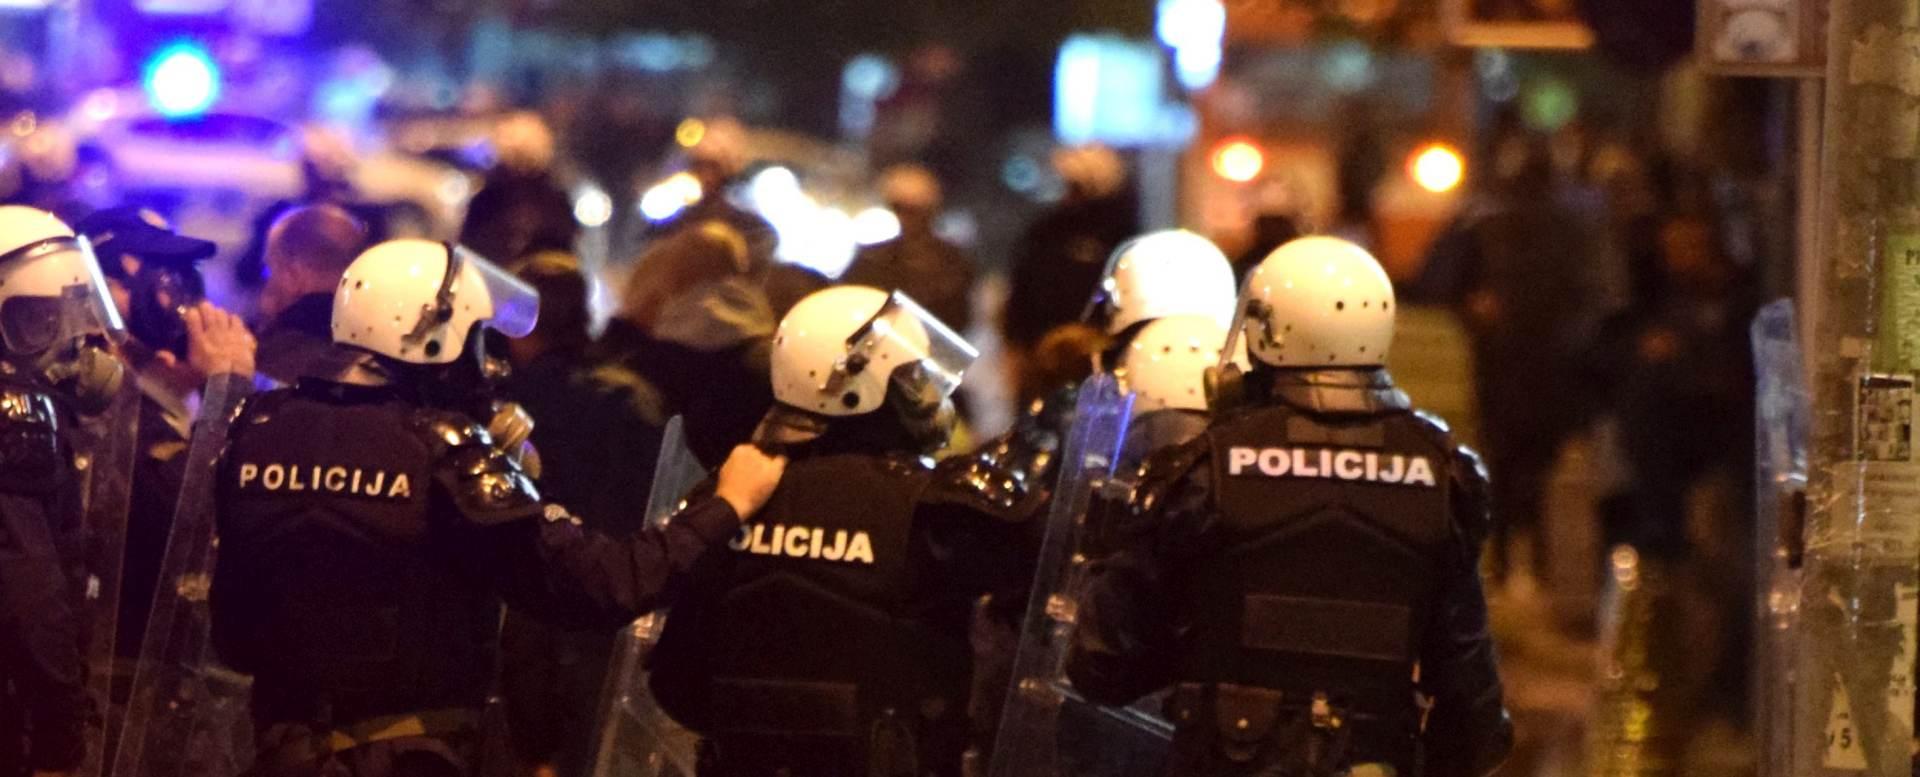 PRIZNALI KRIVICU: Još pet okrivljenih za pokušaj državnog udara u Crnoj Gori